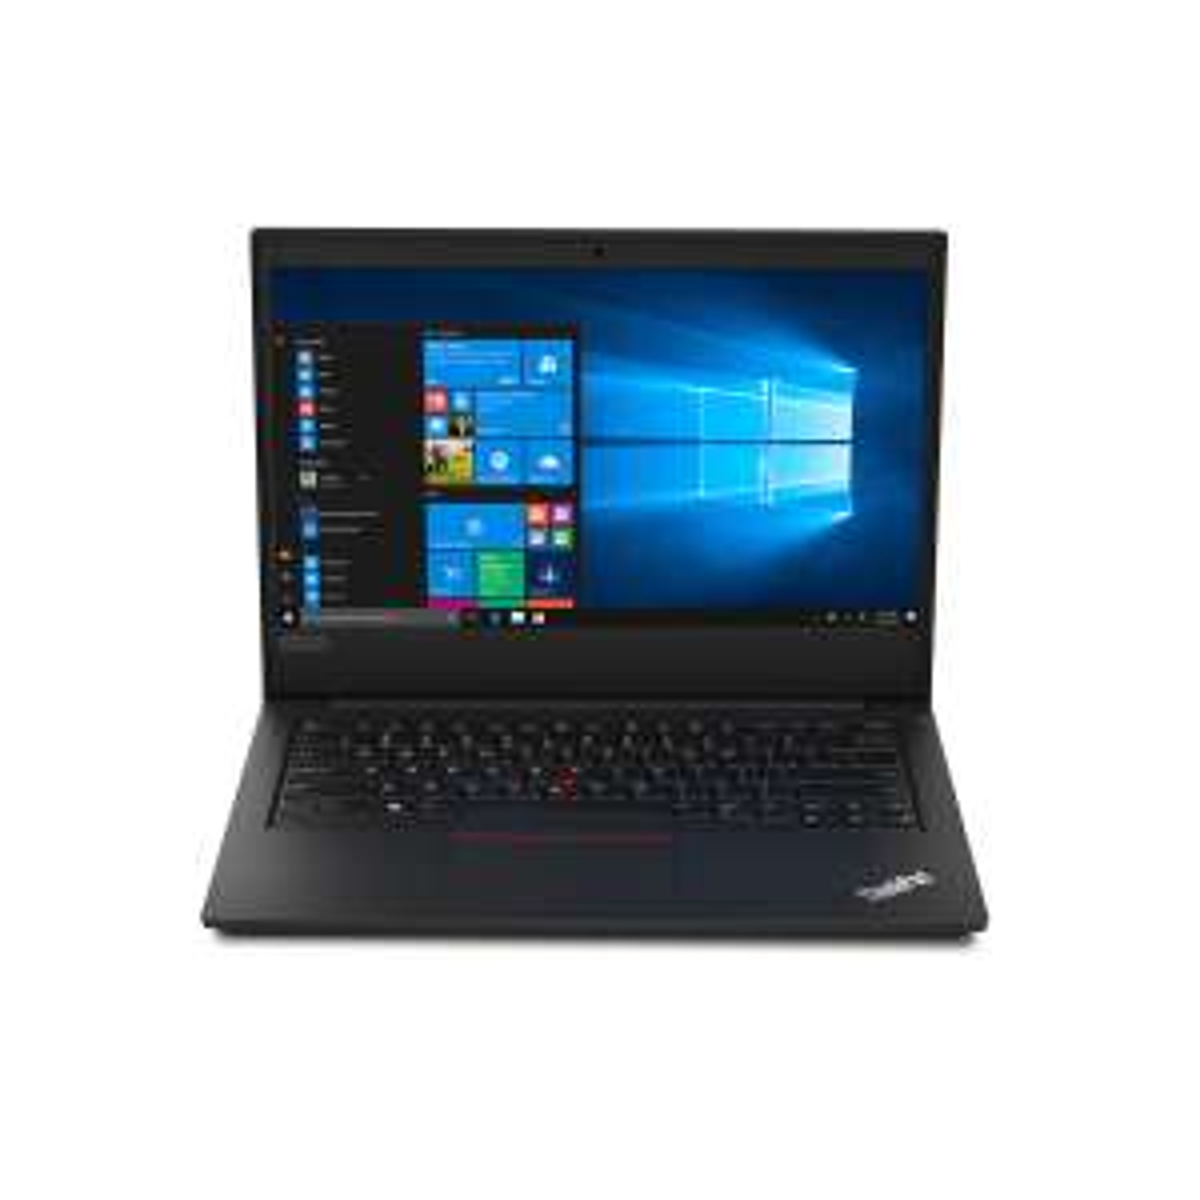 Lenovo ThinkPad E495 mit AMD Ryzen 5 3500U zusätzlich 80,34€ Shoop möglich